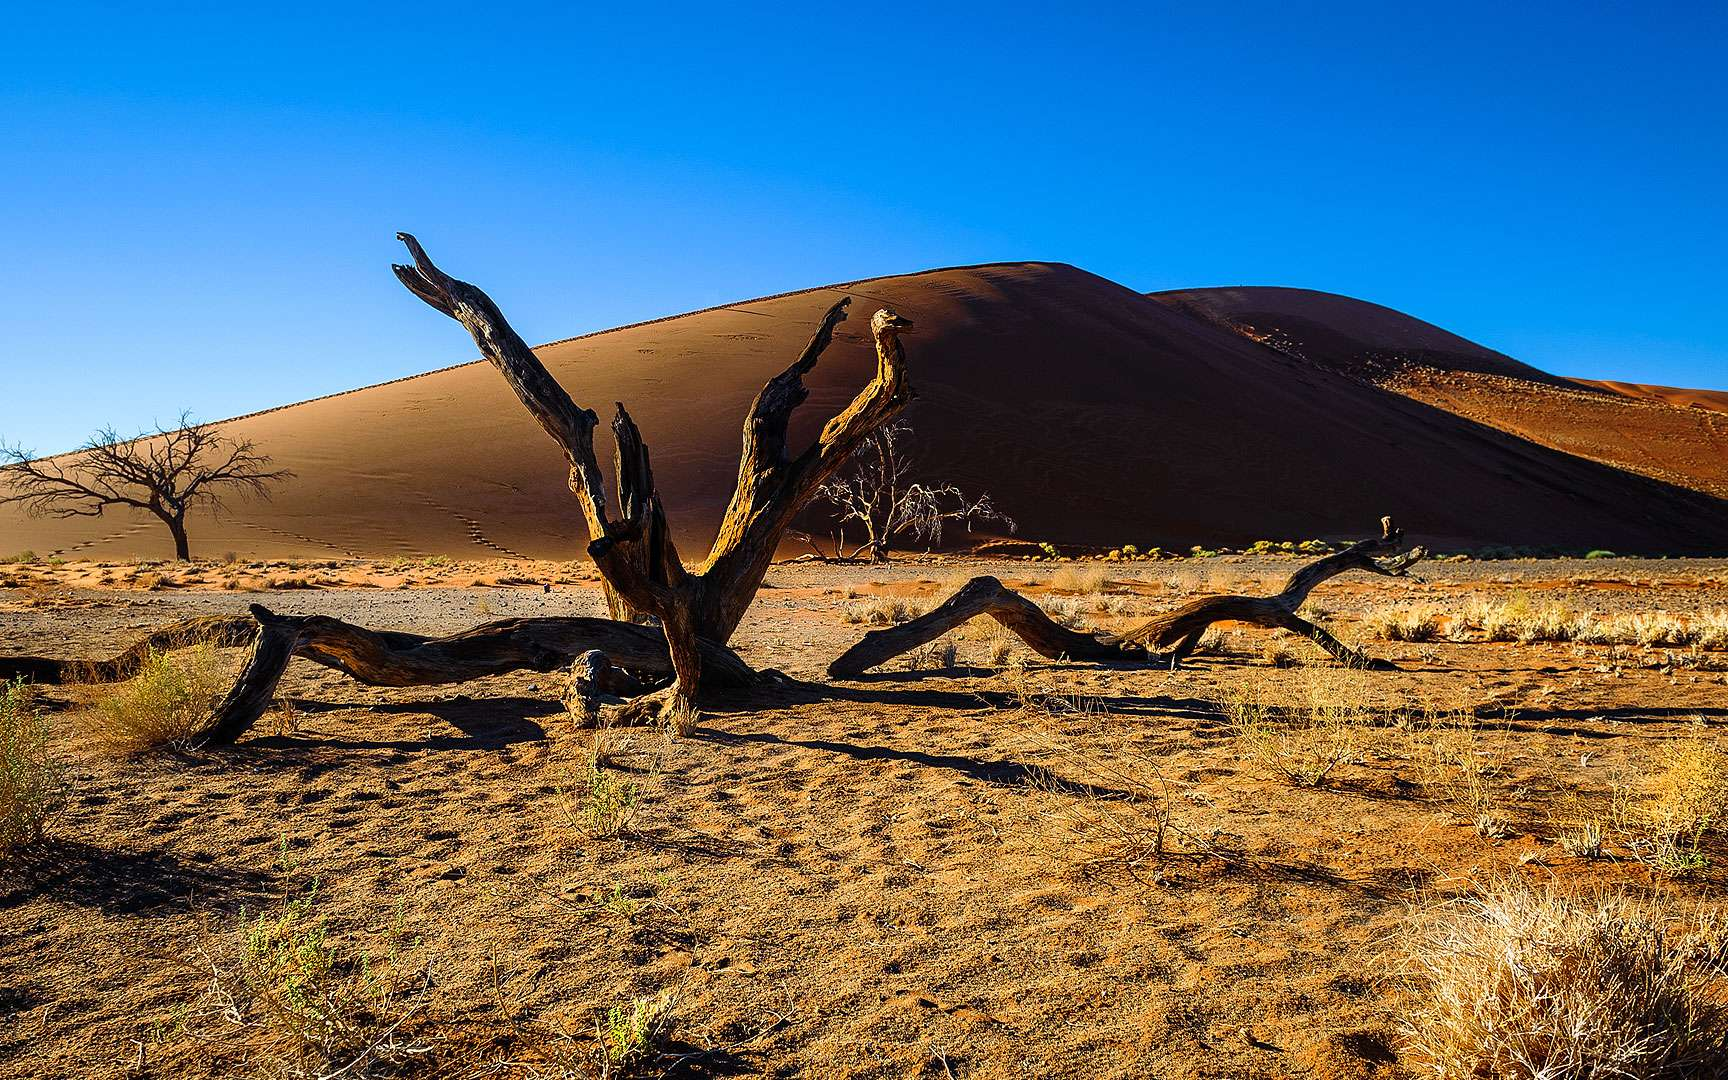 Sossusvlei est un désert de sel et d'argile. Il se trouve dans le parc de Namib Naukluft, dans le désert du Namib, en Namibie. Il consiste en un oued pénétrant depuis la localité de Sesriem sur une soixantaine de kilomètres d'est en ouest dans la zone des dunes du désert. Sossusvlei est le site touristique le plus visité de Namibie. © Jean-Louis Vandevivère, Flickr, CC by-nc-sa 2.0